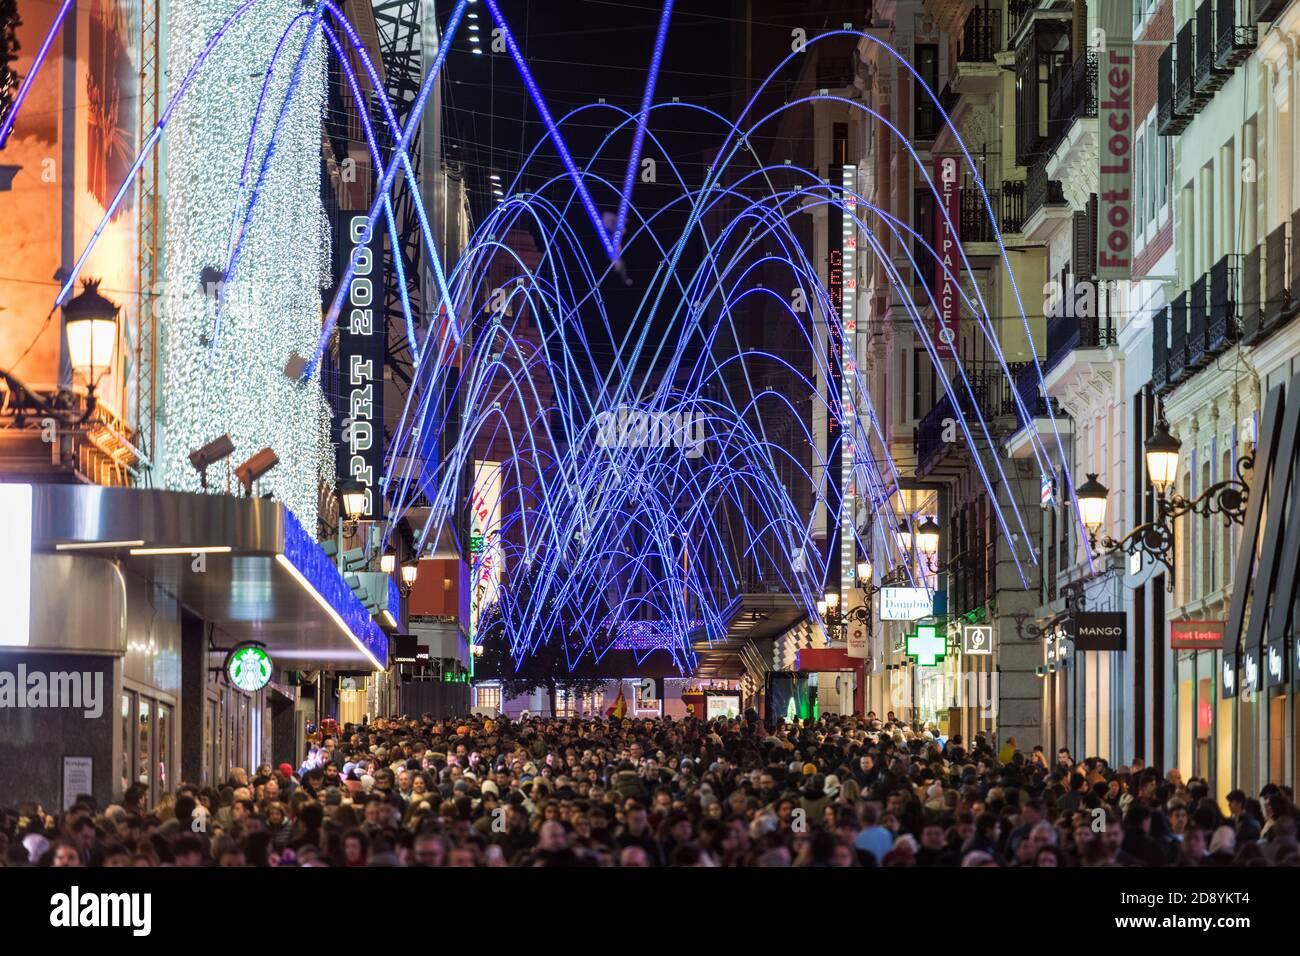 MADRID, ESPAÑA - 4 DE ENERO de 2020: Multitud de personas se reúnen en la calle Preciados de Madrid bajo las luces navideñas. Foto de stock